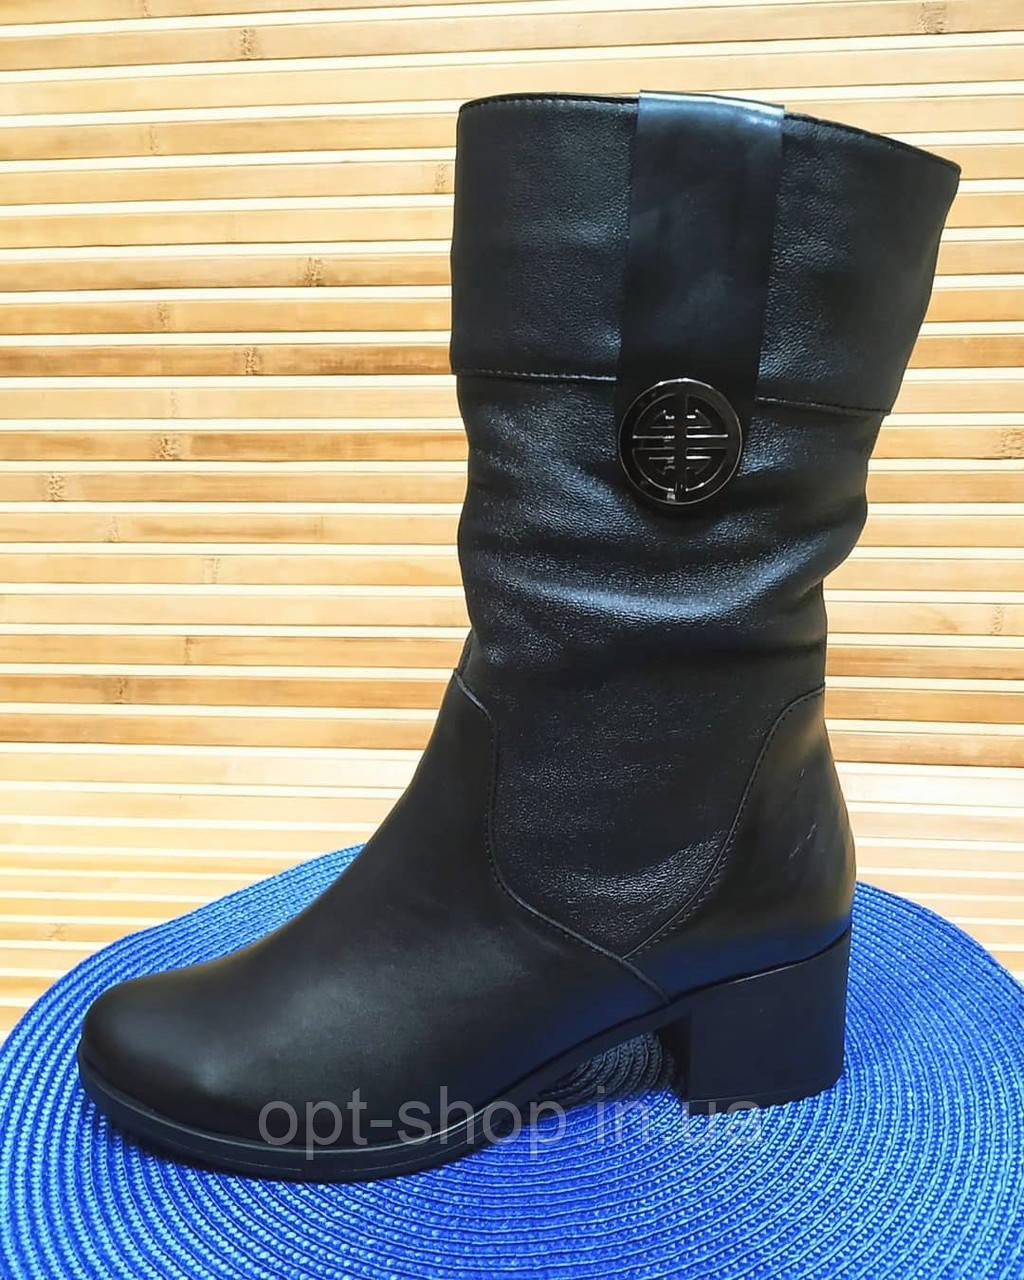 Женские демисезонные сапоги полусапожки на полную ногу, женская весенняя обувь от производителя